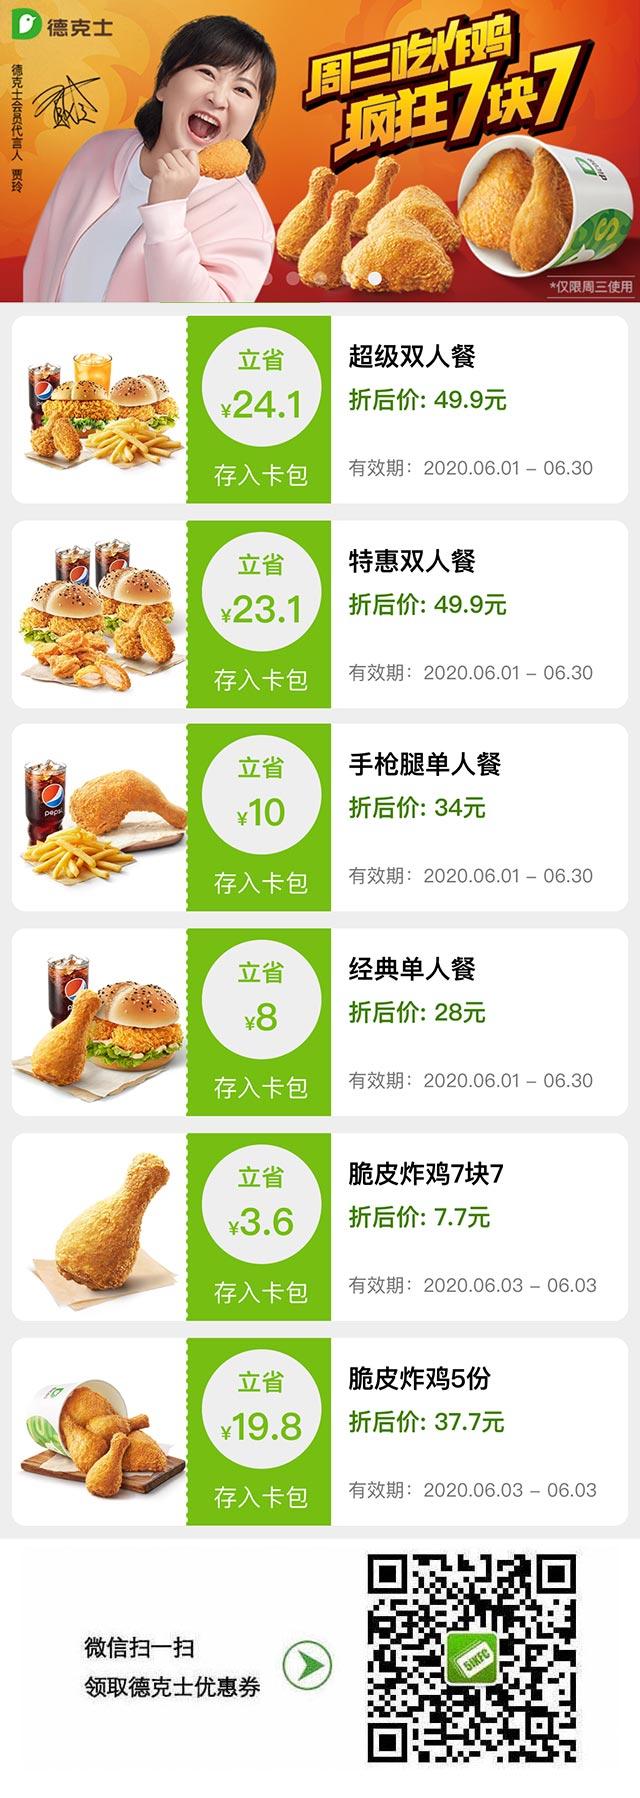 德克士超值经典优惠券2020年6月双人餐49.9元起、单人餐28元起